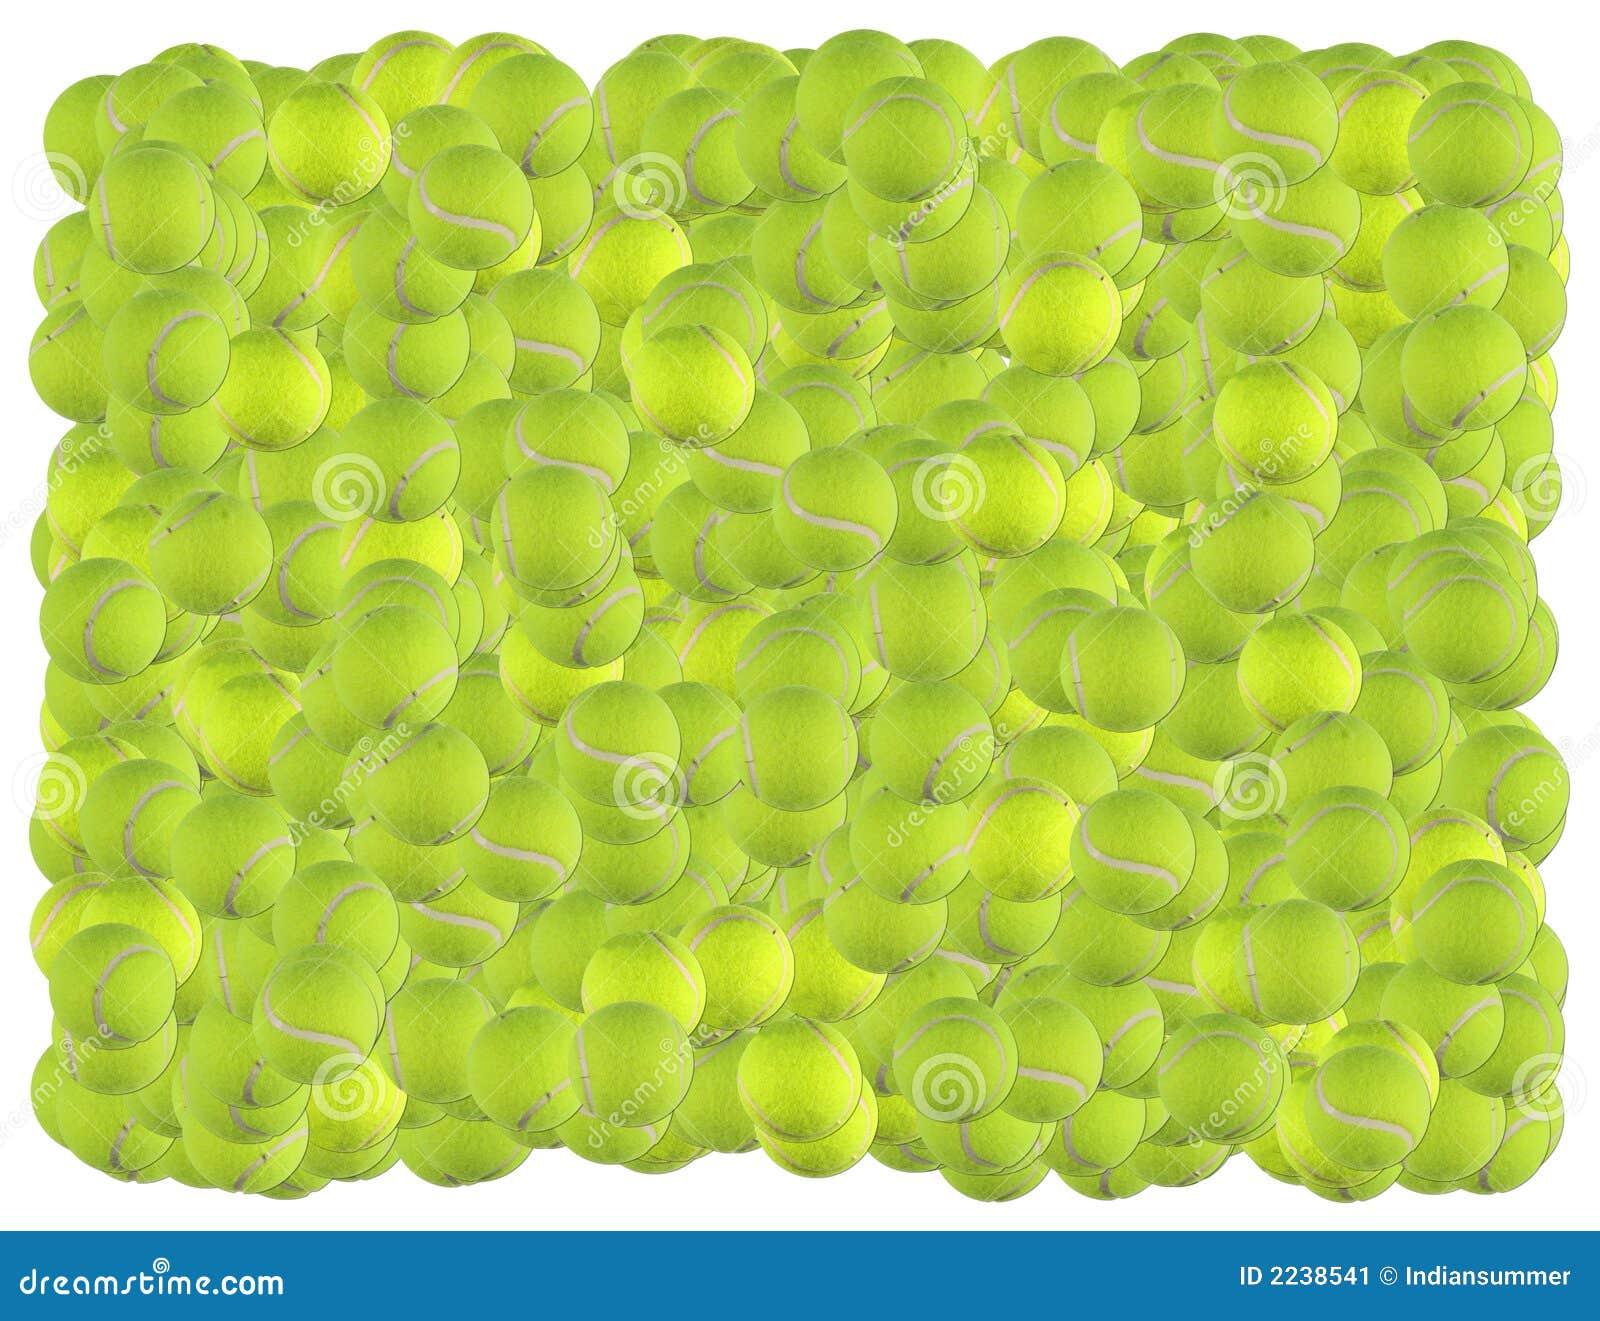 Tennis balls background